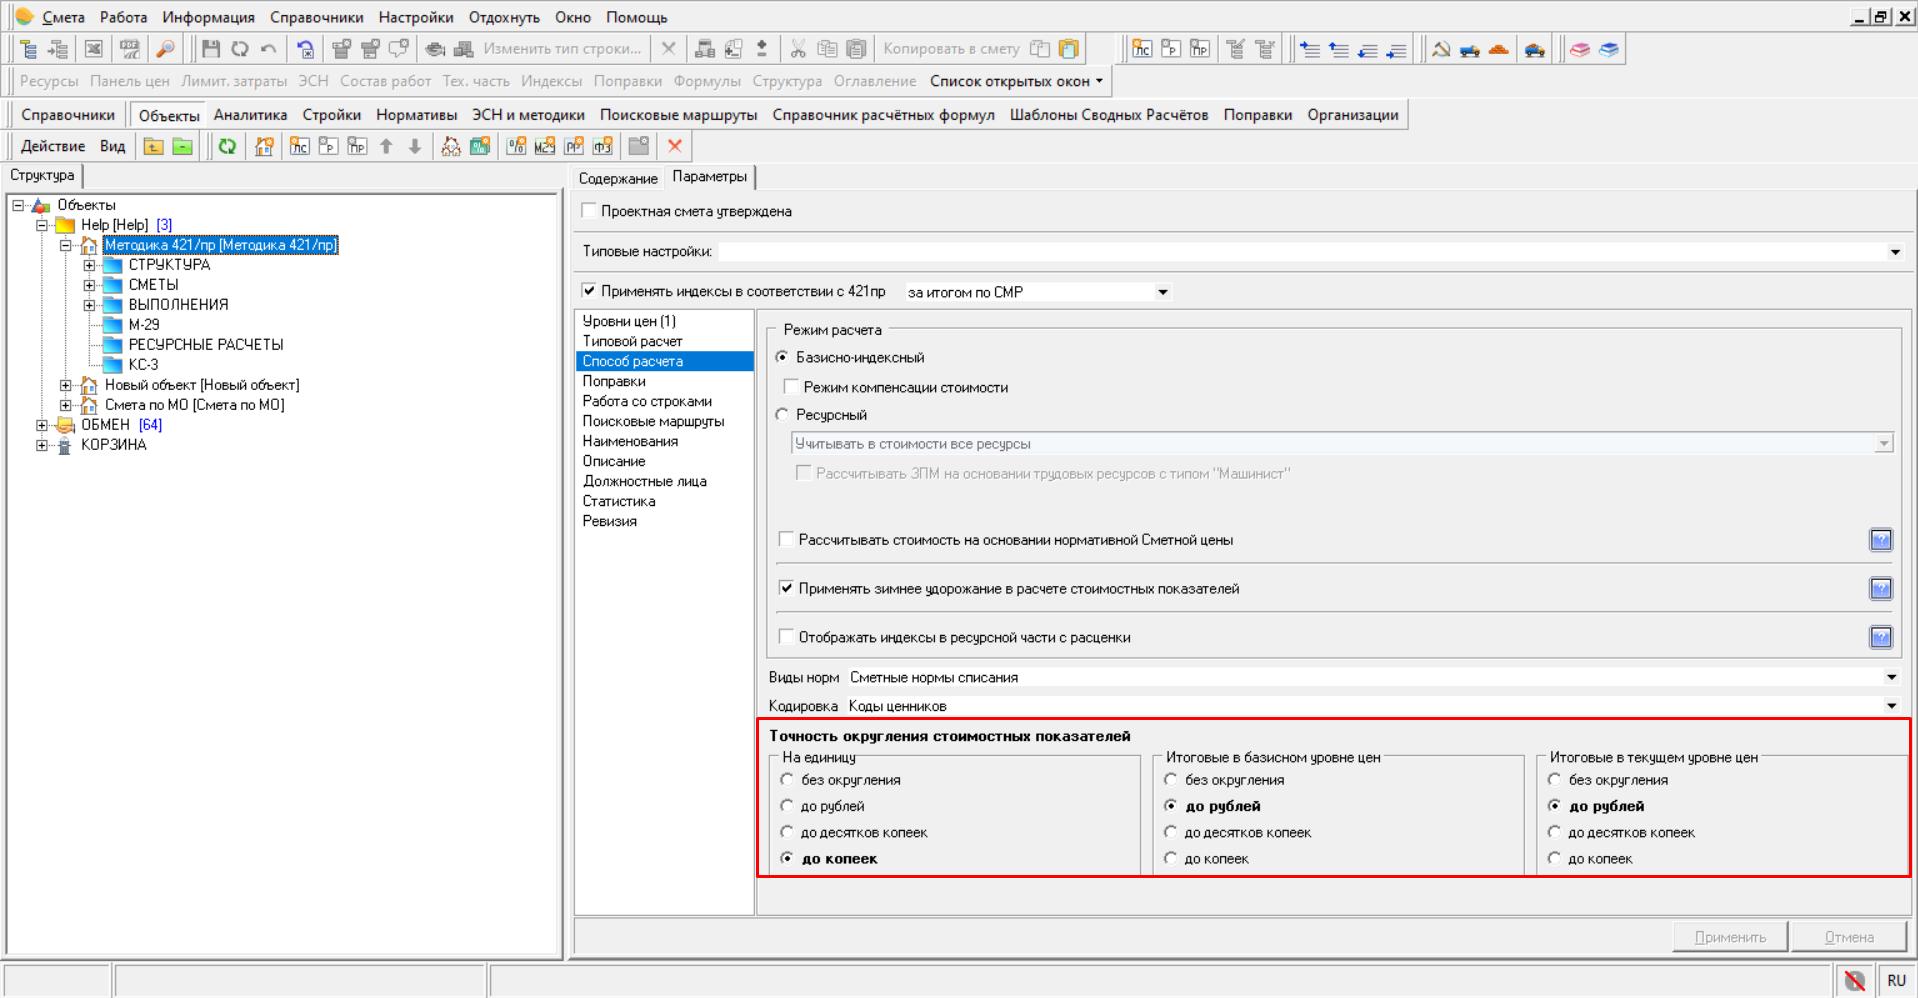 Параметры объекта - Способ расчета при использовании параметра Применять индексы в соответствии с 421пр